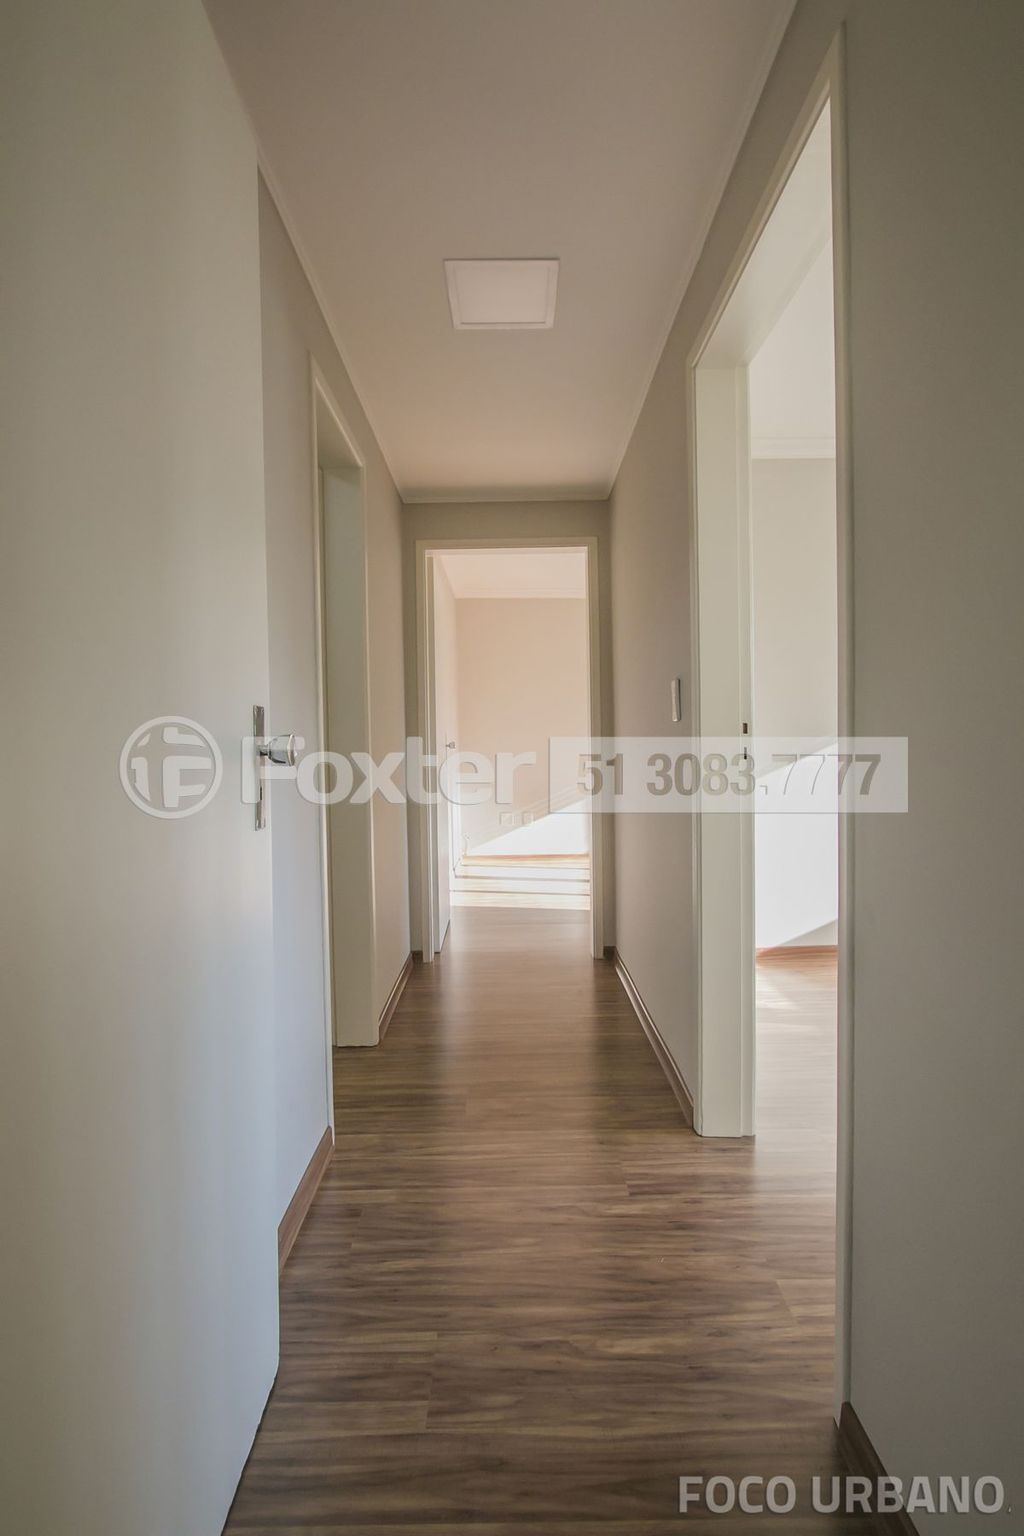 Foxter Imobiliária - Apto 2 Dorm, Centro, Canoas - Foto 5